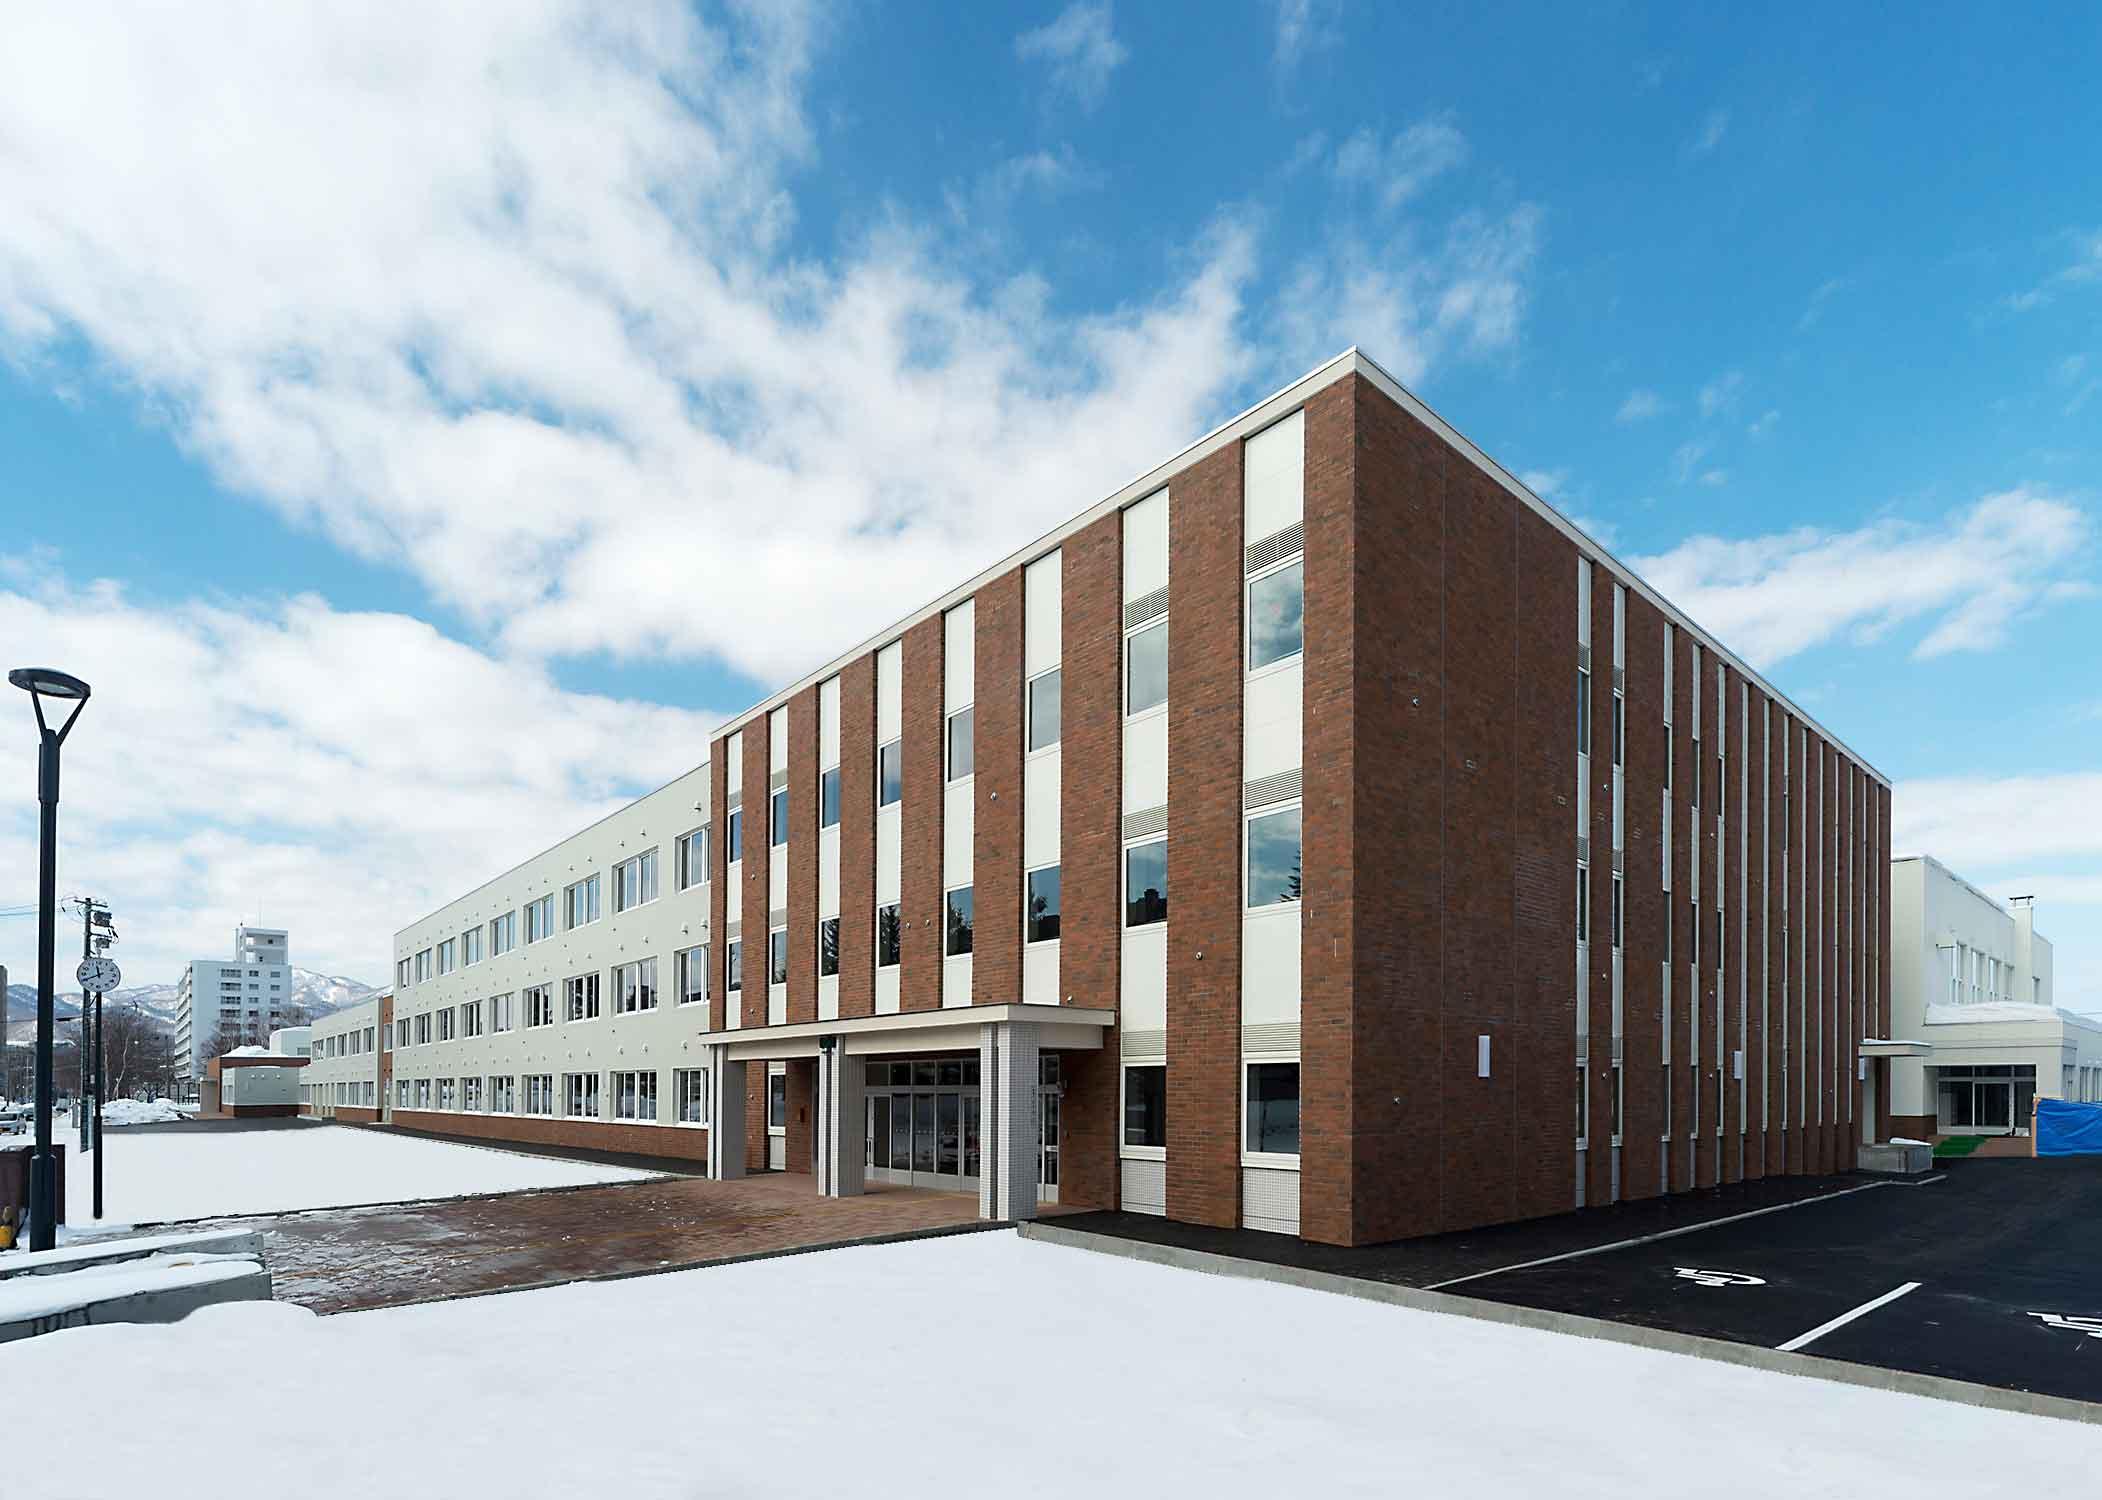 南部高等支援学校校舎新築工事